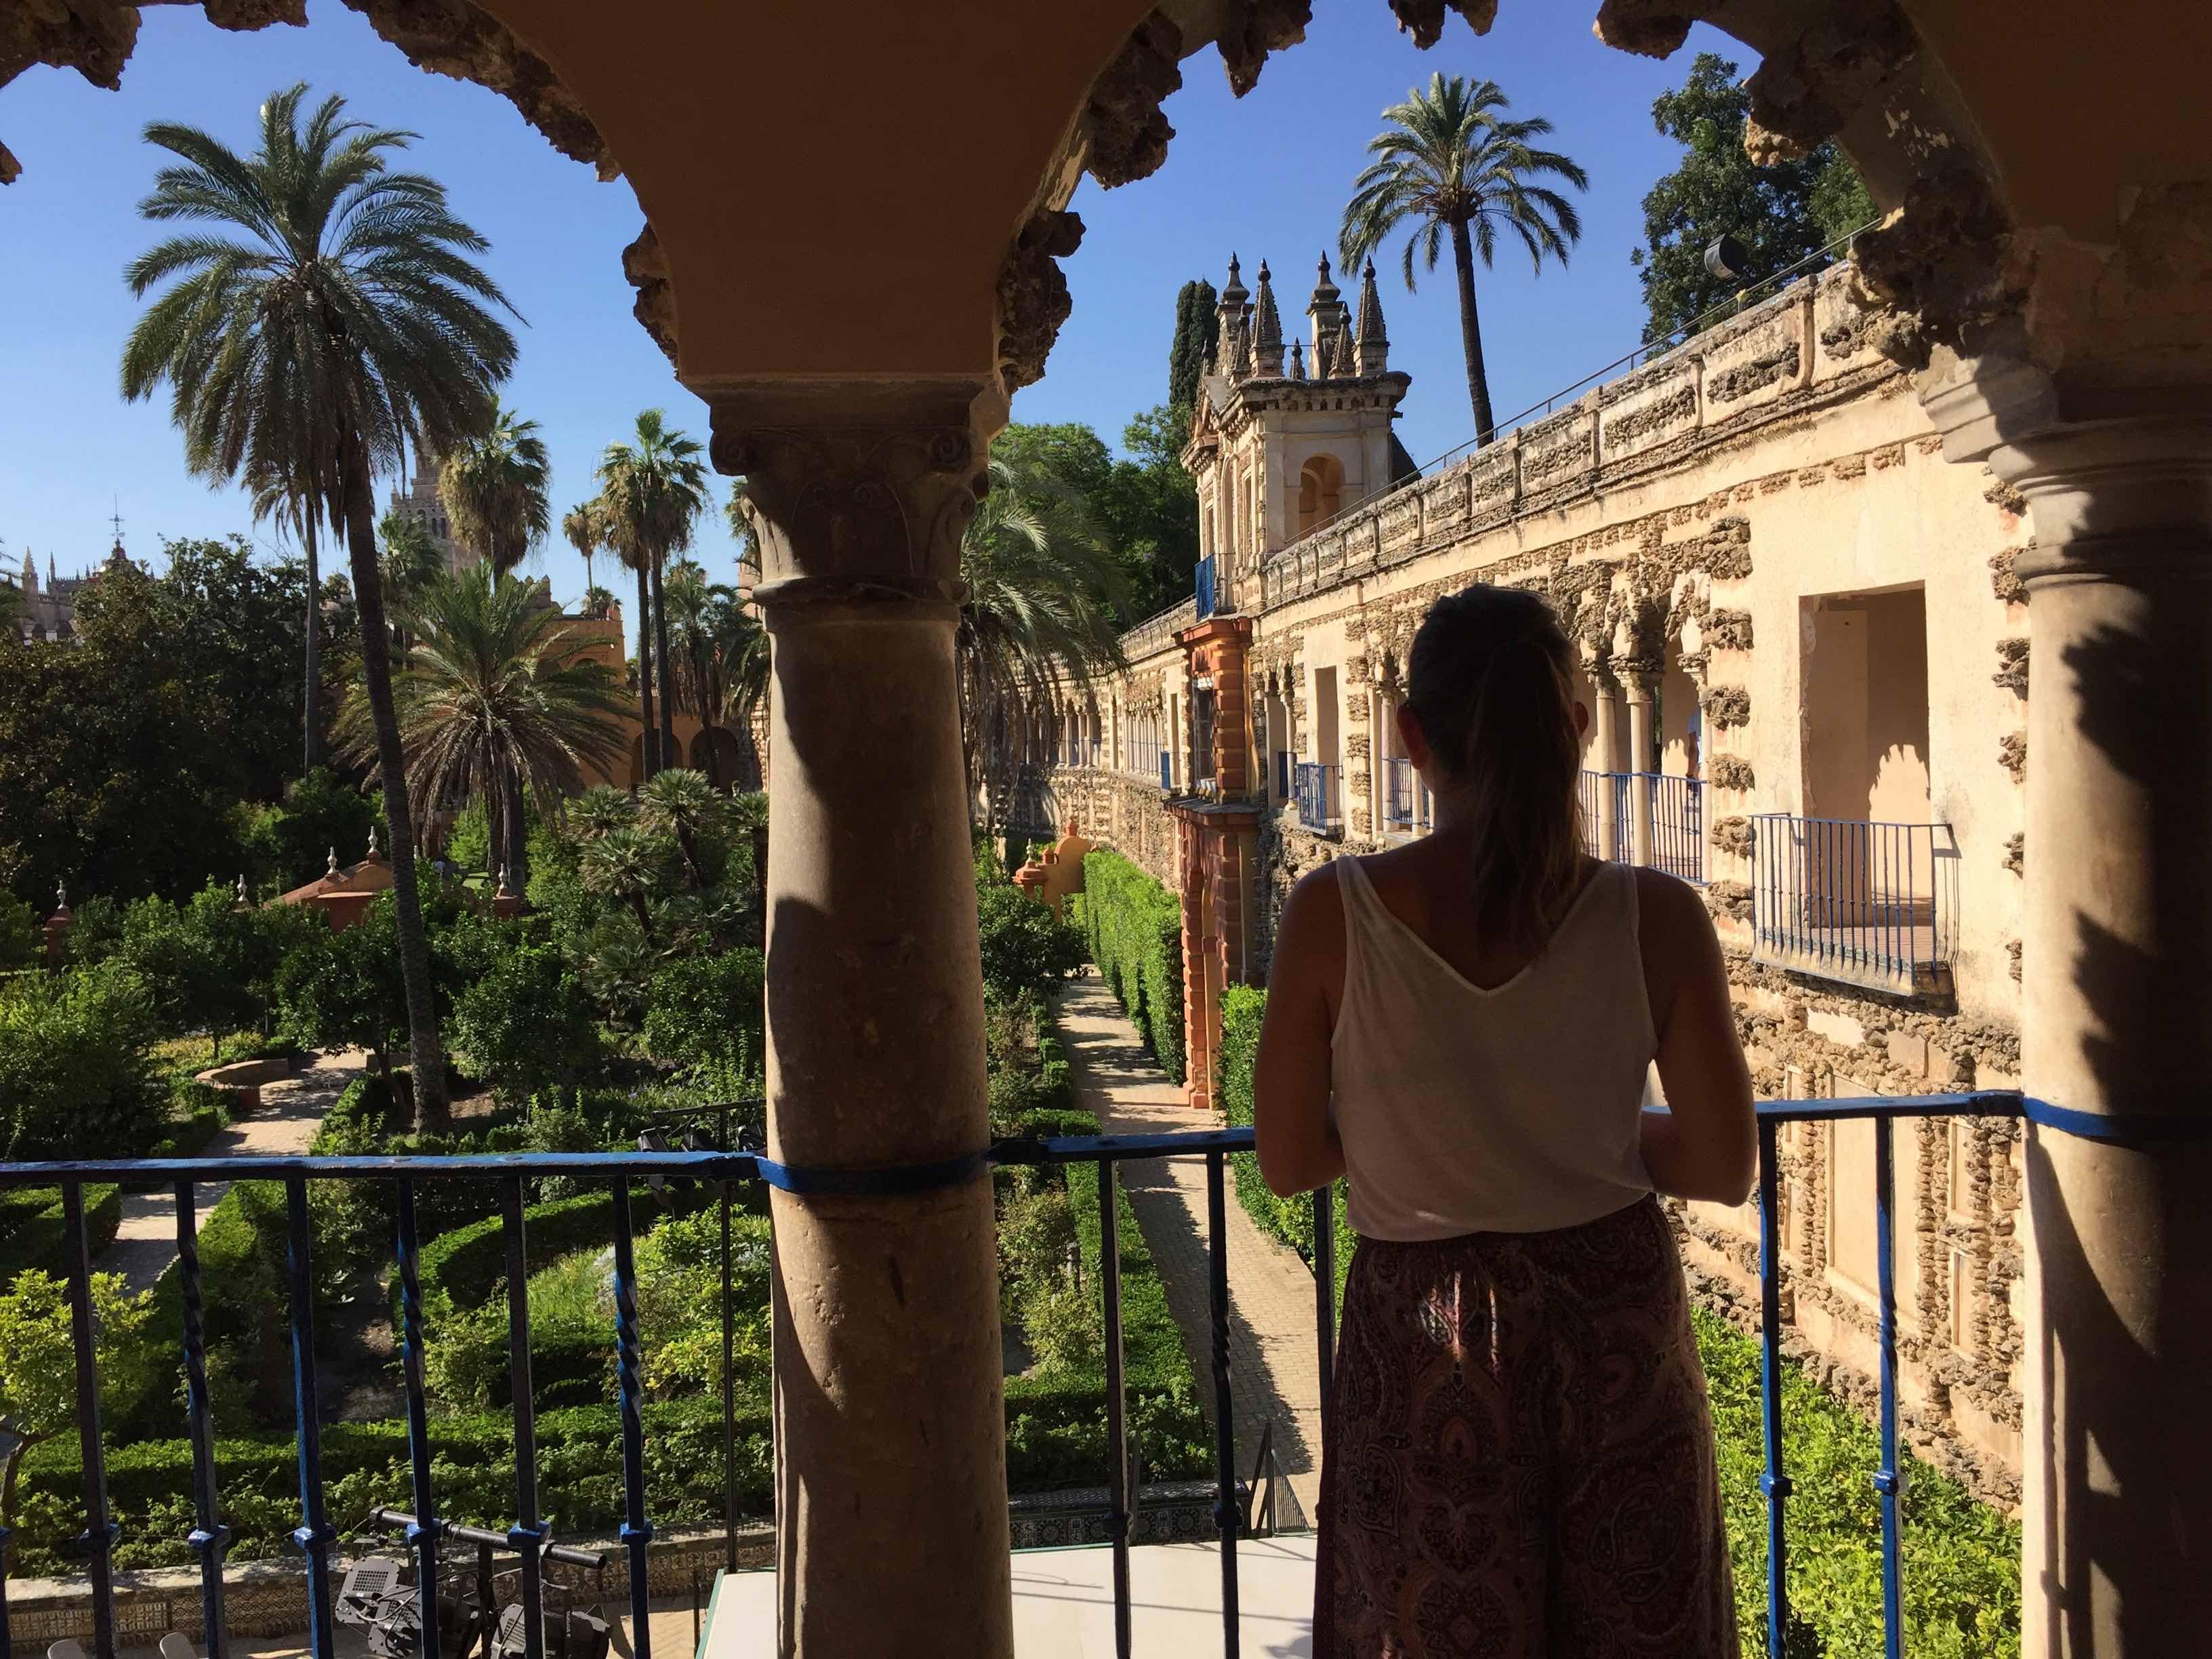 alcazar sarayı - ispanya gezi rehberi